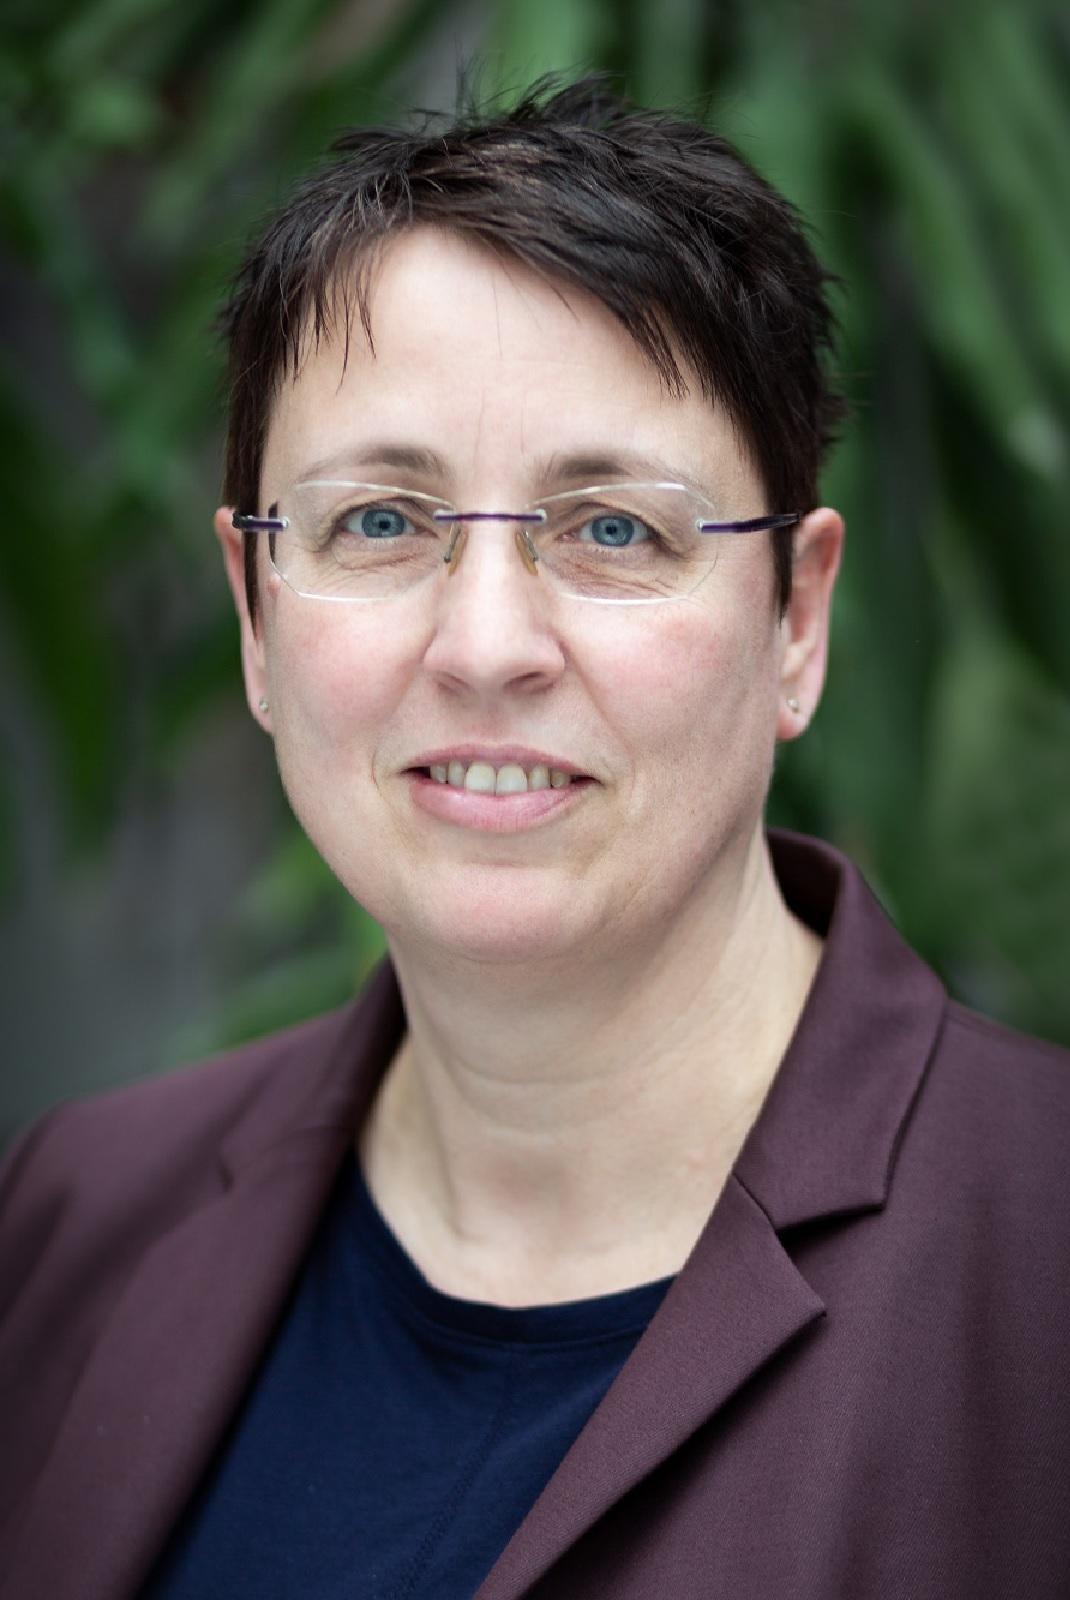 Andrea Kroll-Warnebier